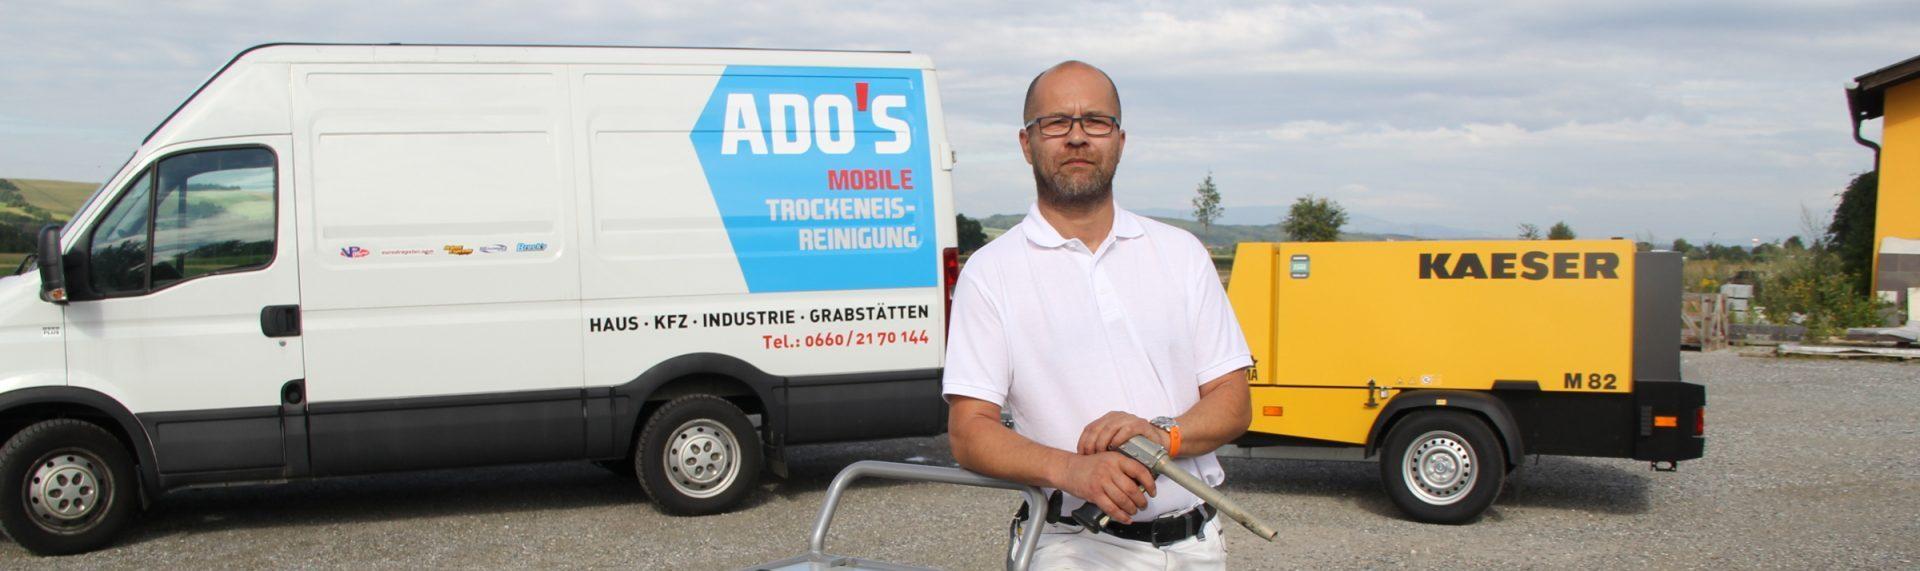 """Willkommen bei """"Ado's mobile Trockeneis & Sandstrahltechnik"""""""